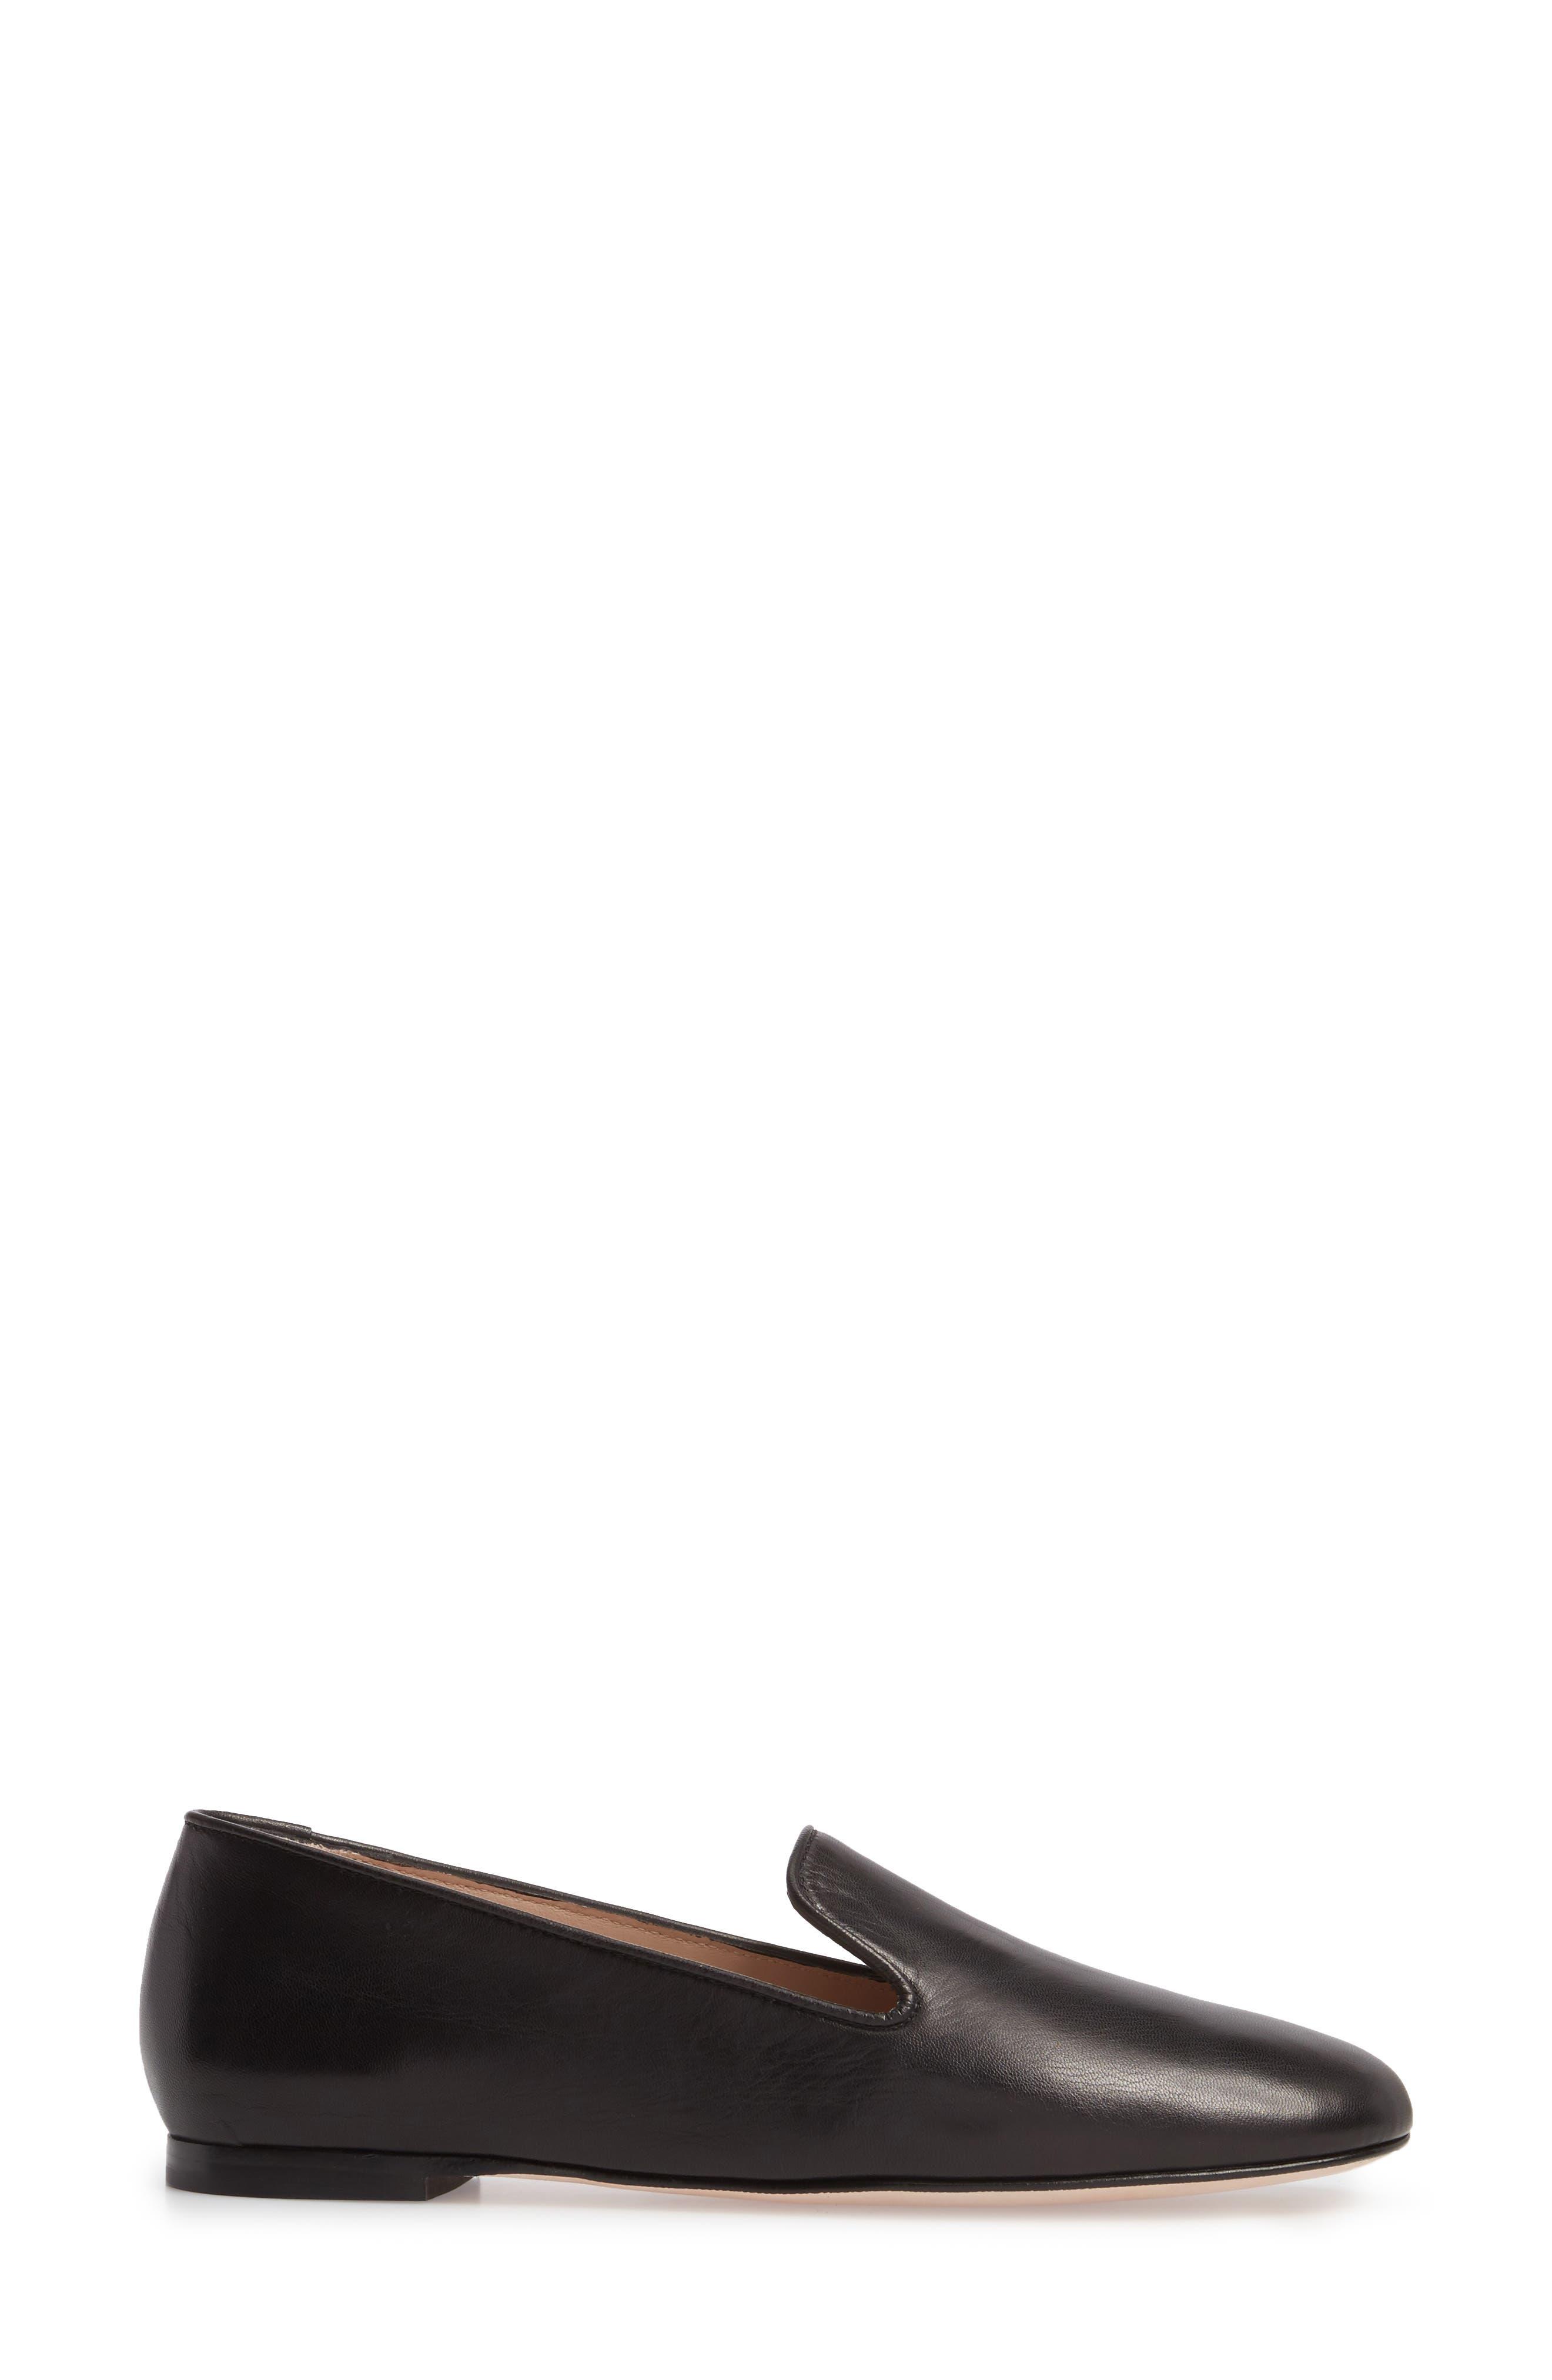 Myguy Venetian Loafer,                             Alternate thumbnail 3, color,                             002